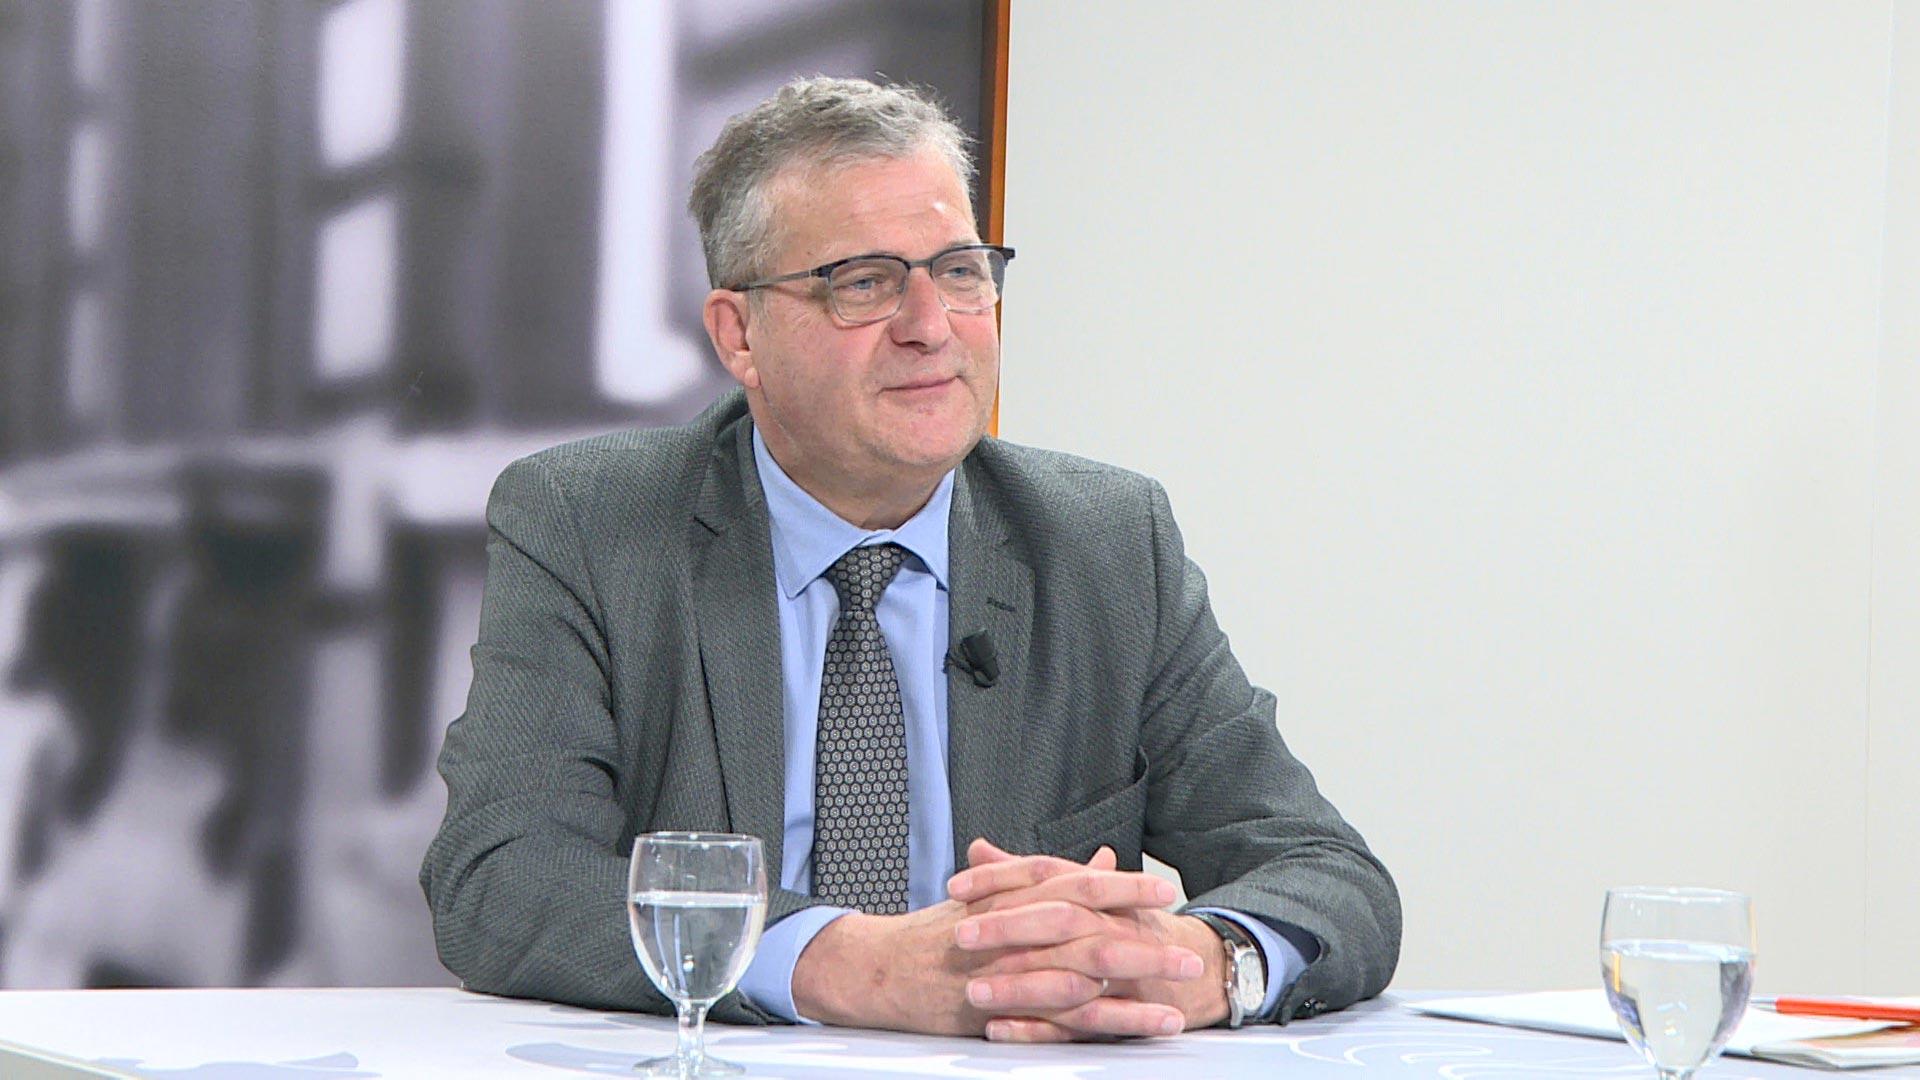 Studio Vlaams Parlement: Jos De Meyer over de algemene onderwijsstaking